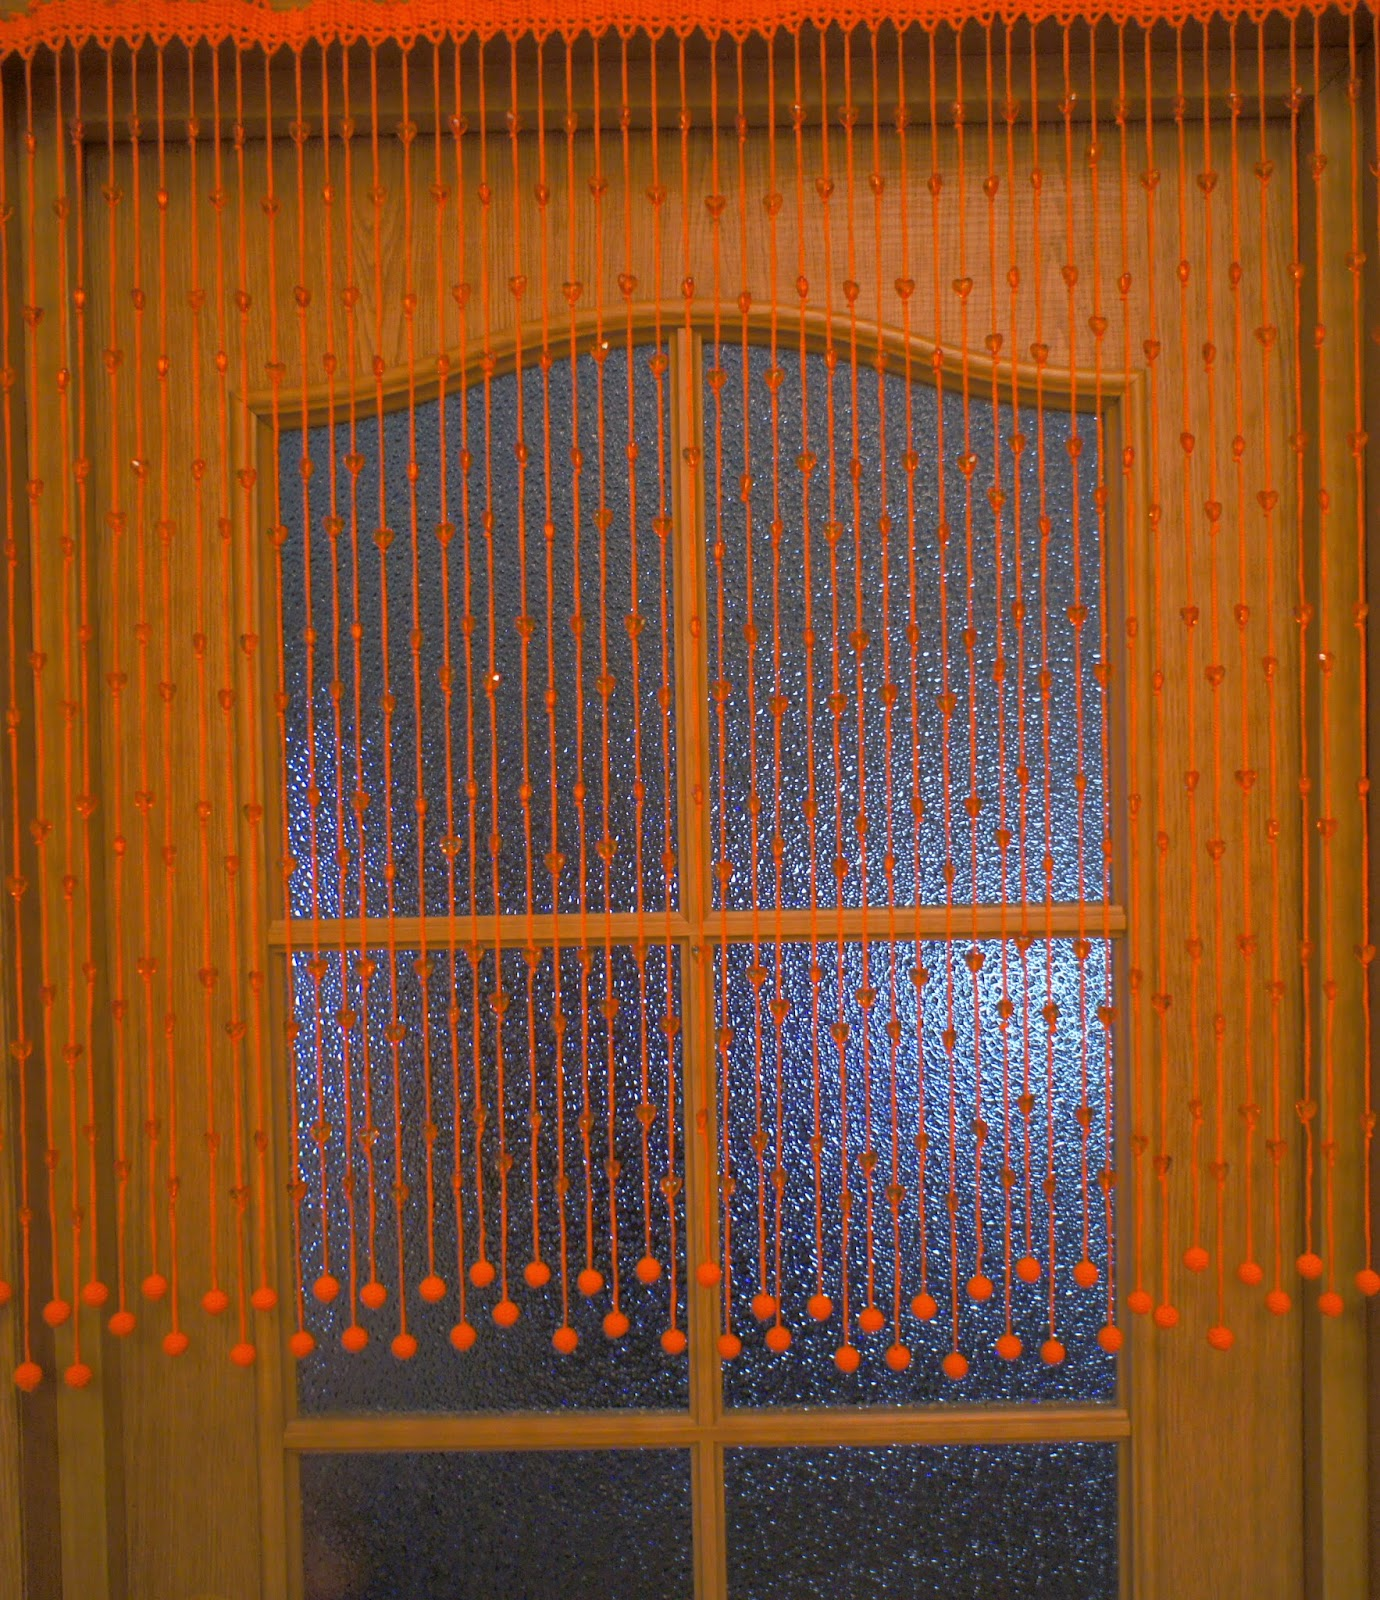 Висячие шторы на дверной проем своими руками